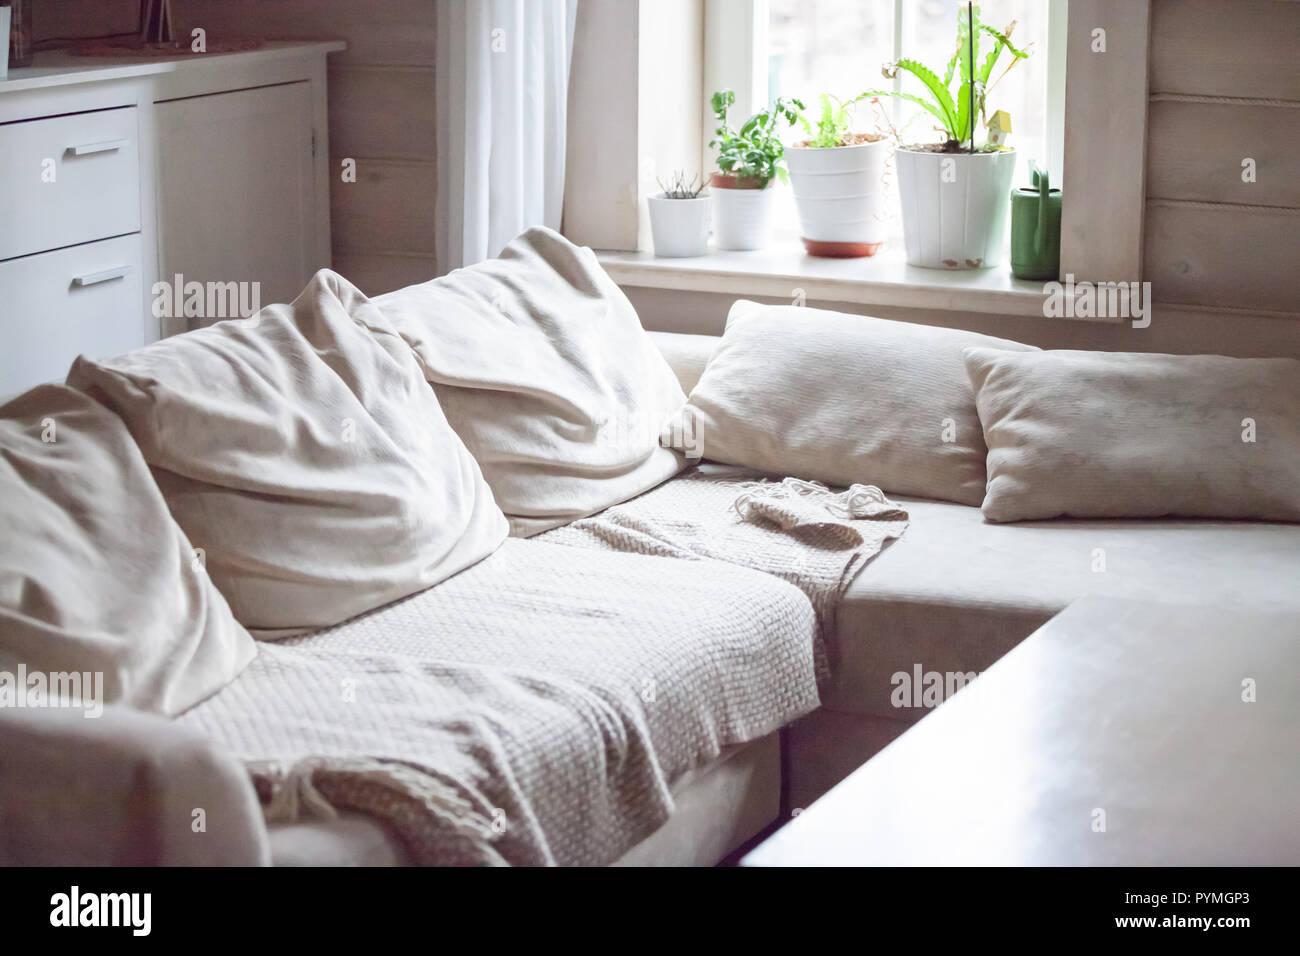 Modernes Wohnen Wohnzimmer Innenraum, keine Personen Stockfoto, Bild ...